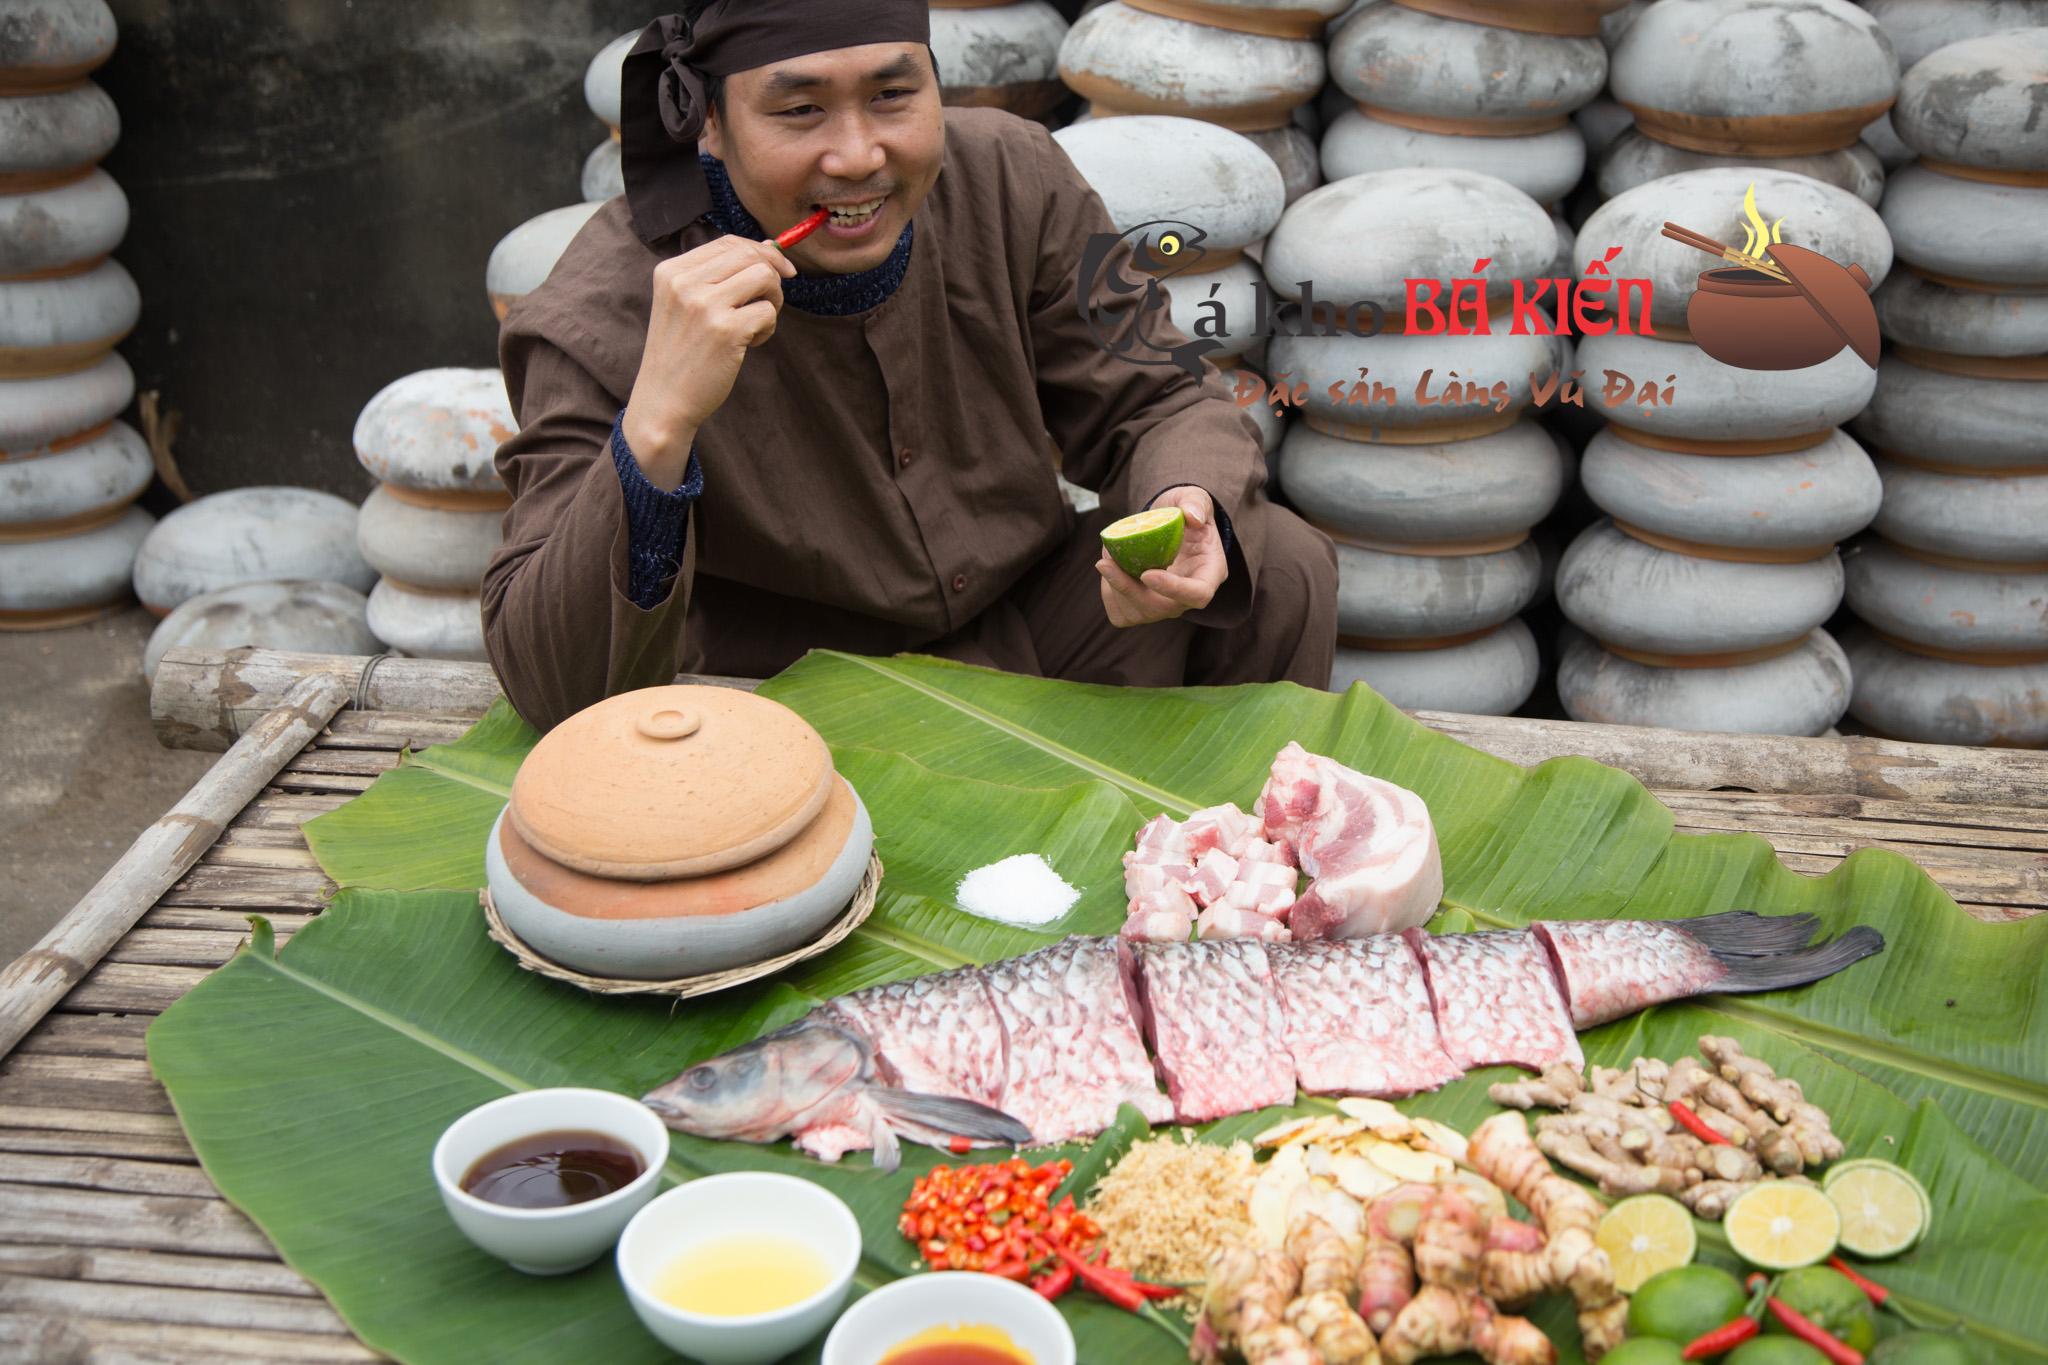 Cá trắm đen nuôi ốc và 16 loại gia vị khác tại địa phương tạo nên món cá kho có hương vị đặc biệt hấp dẫn